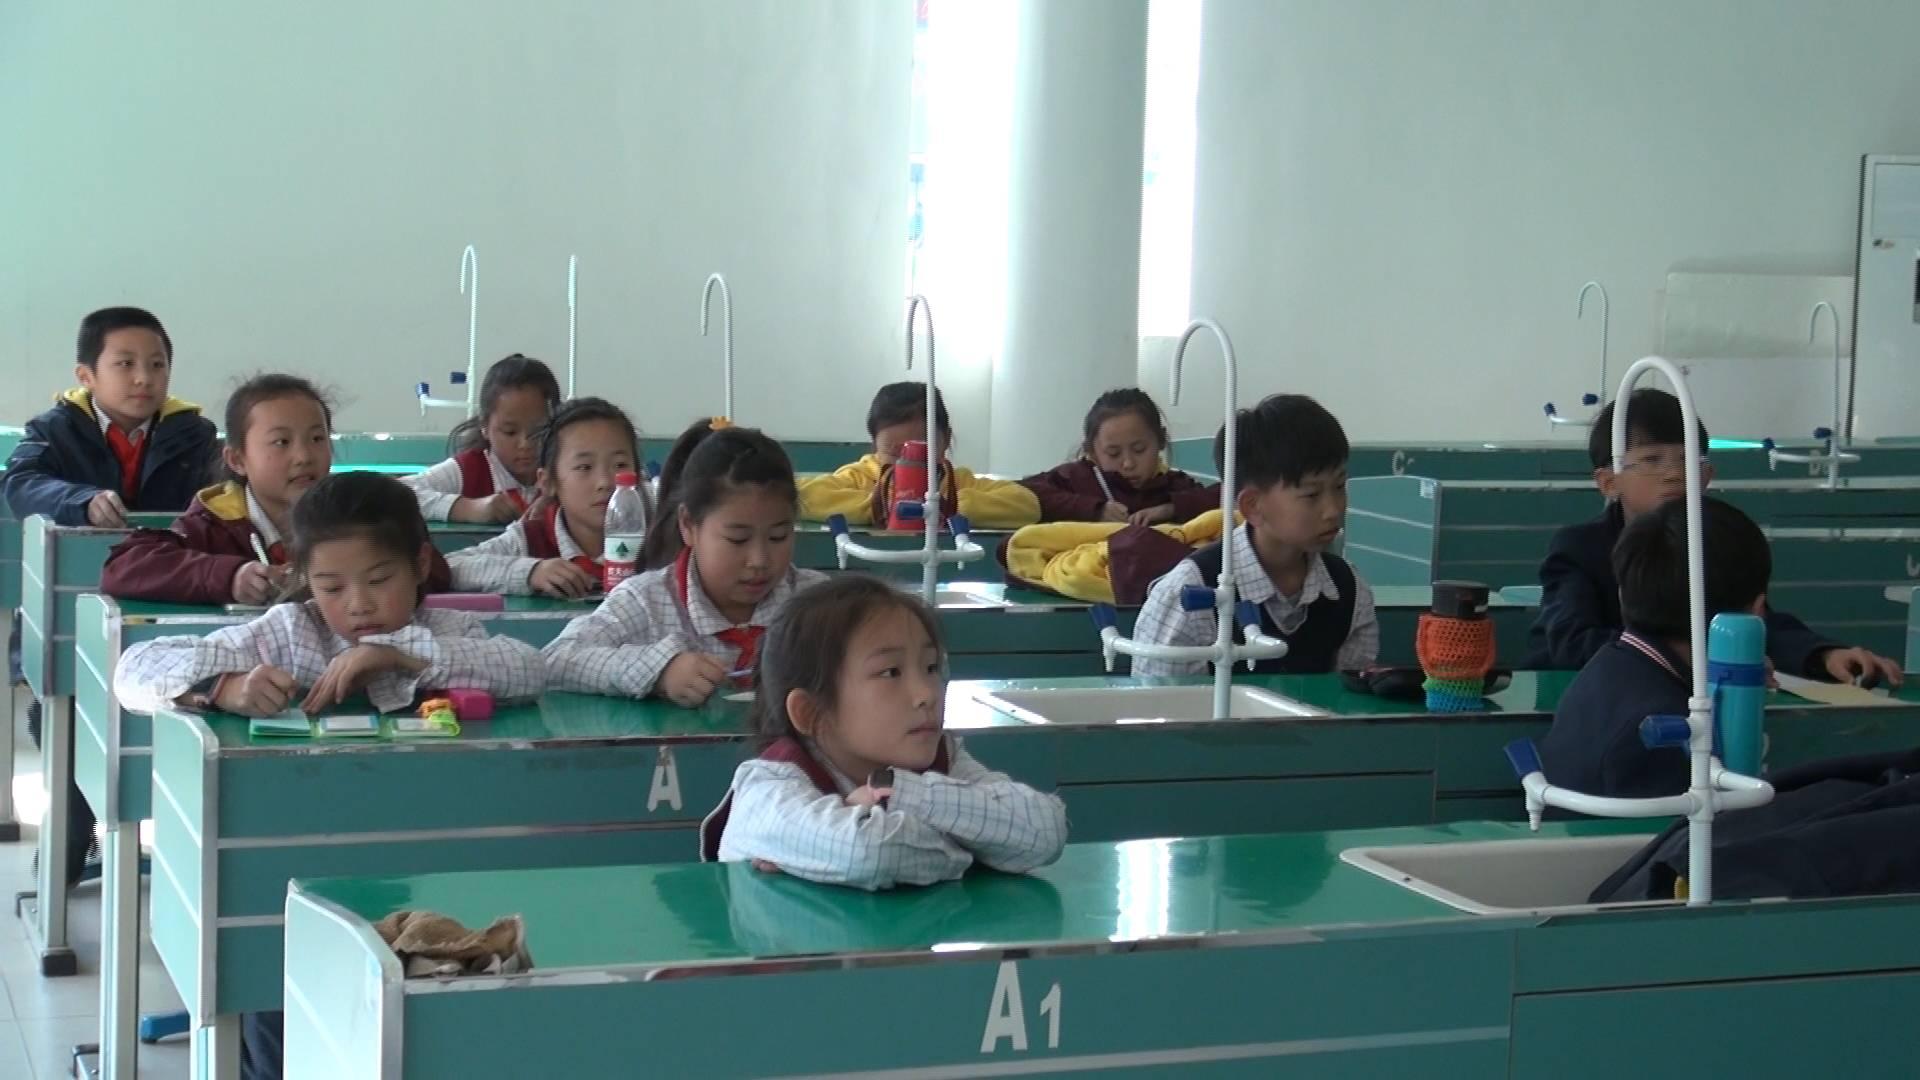 """济南这所小学率先开展""""三点半课堂"""" 音体美16种社团可选"""